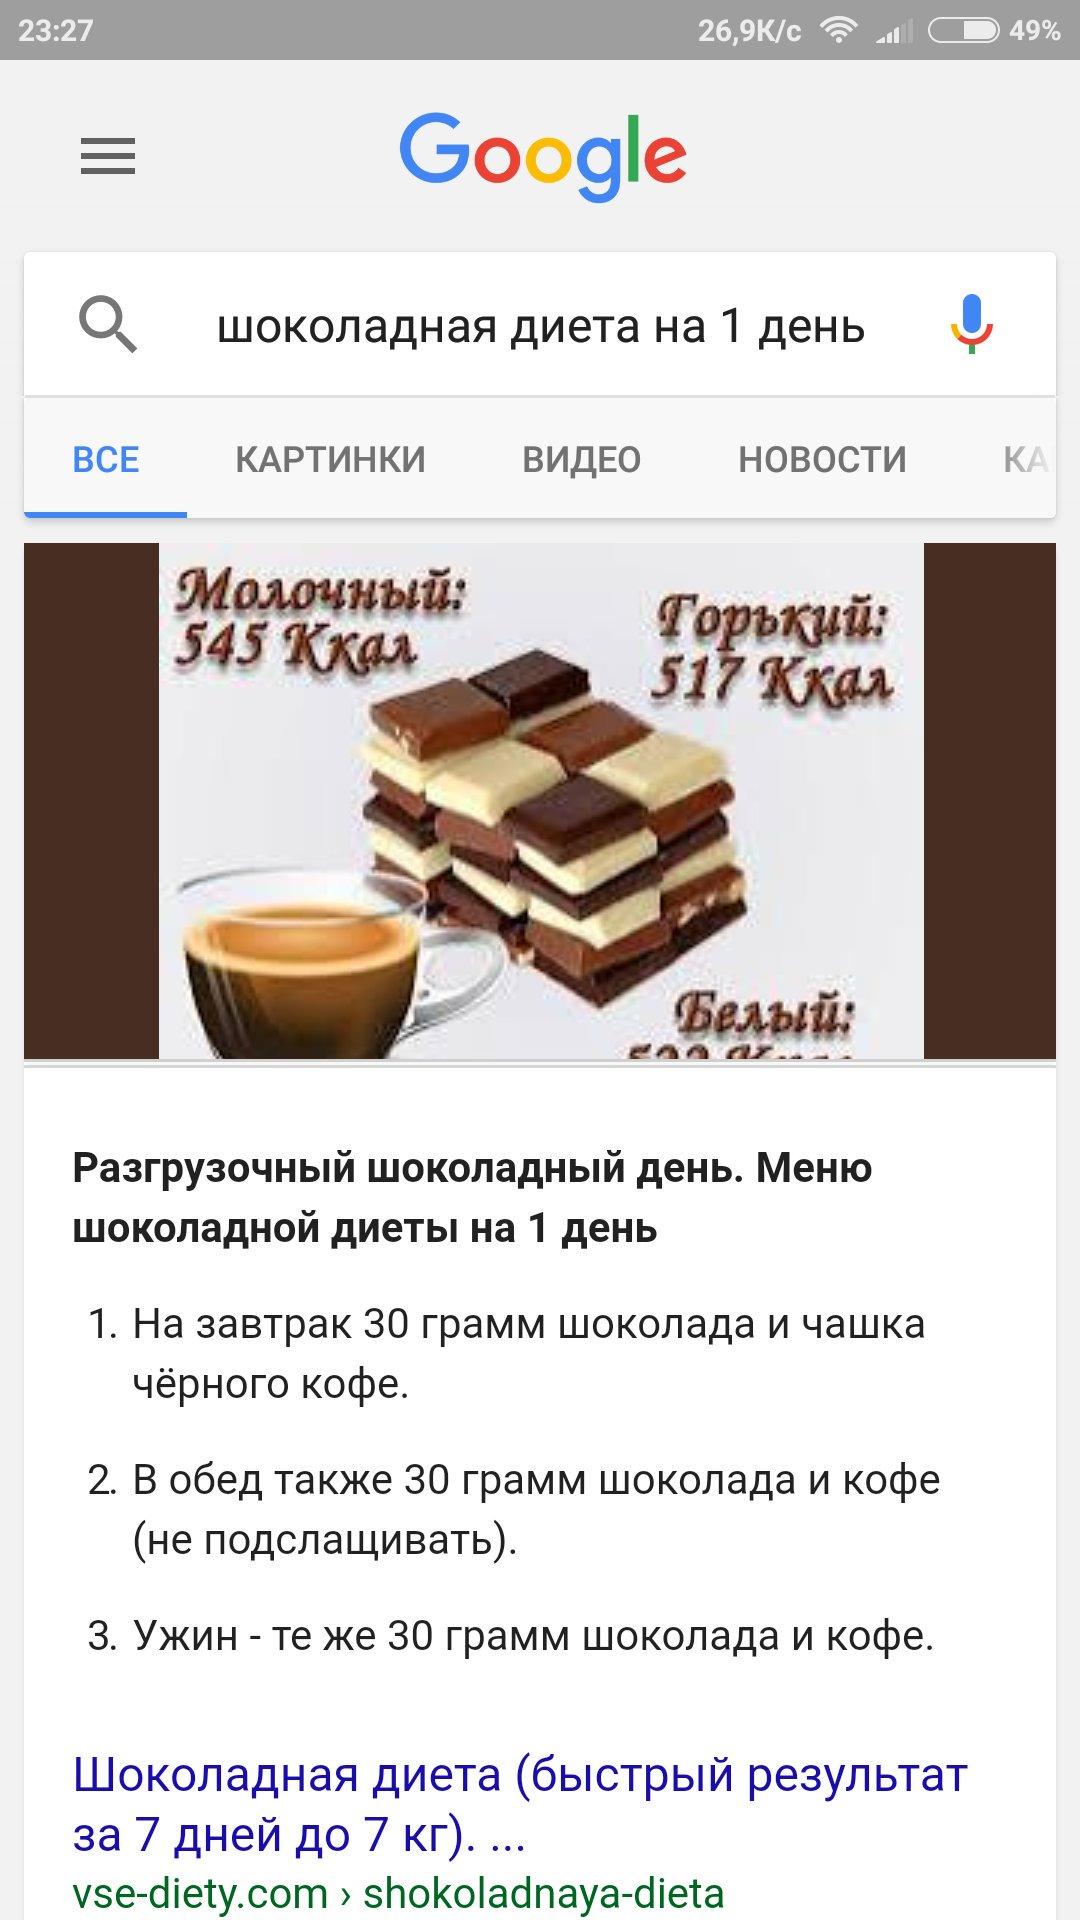 Меню Диеты Шоколадной.